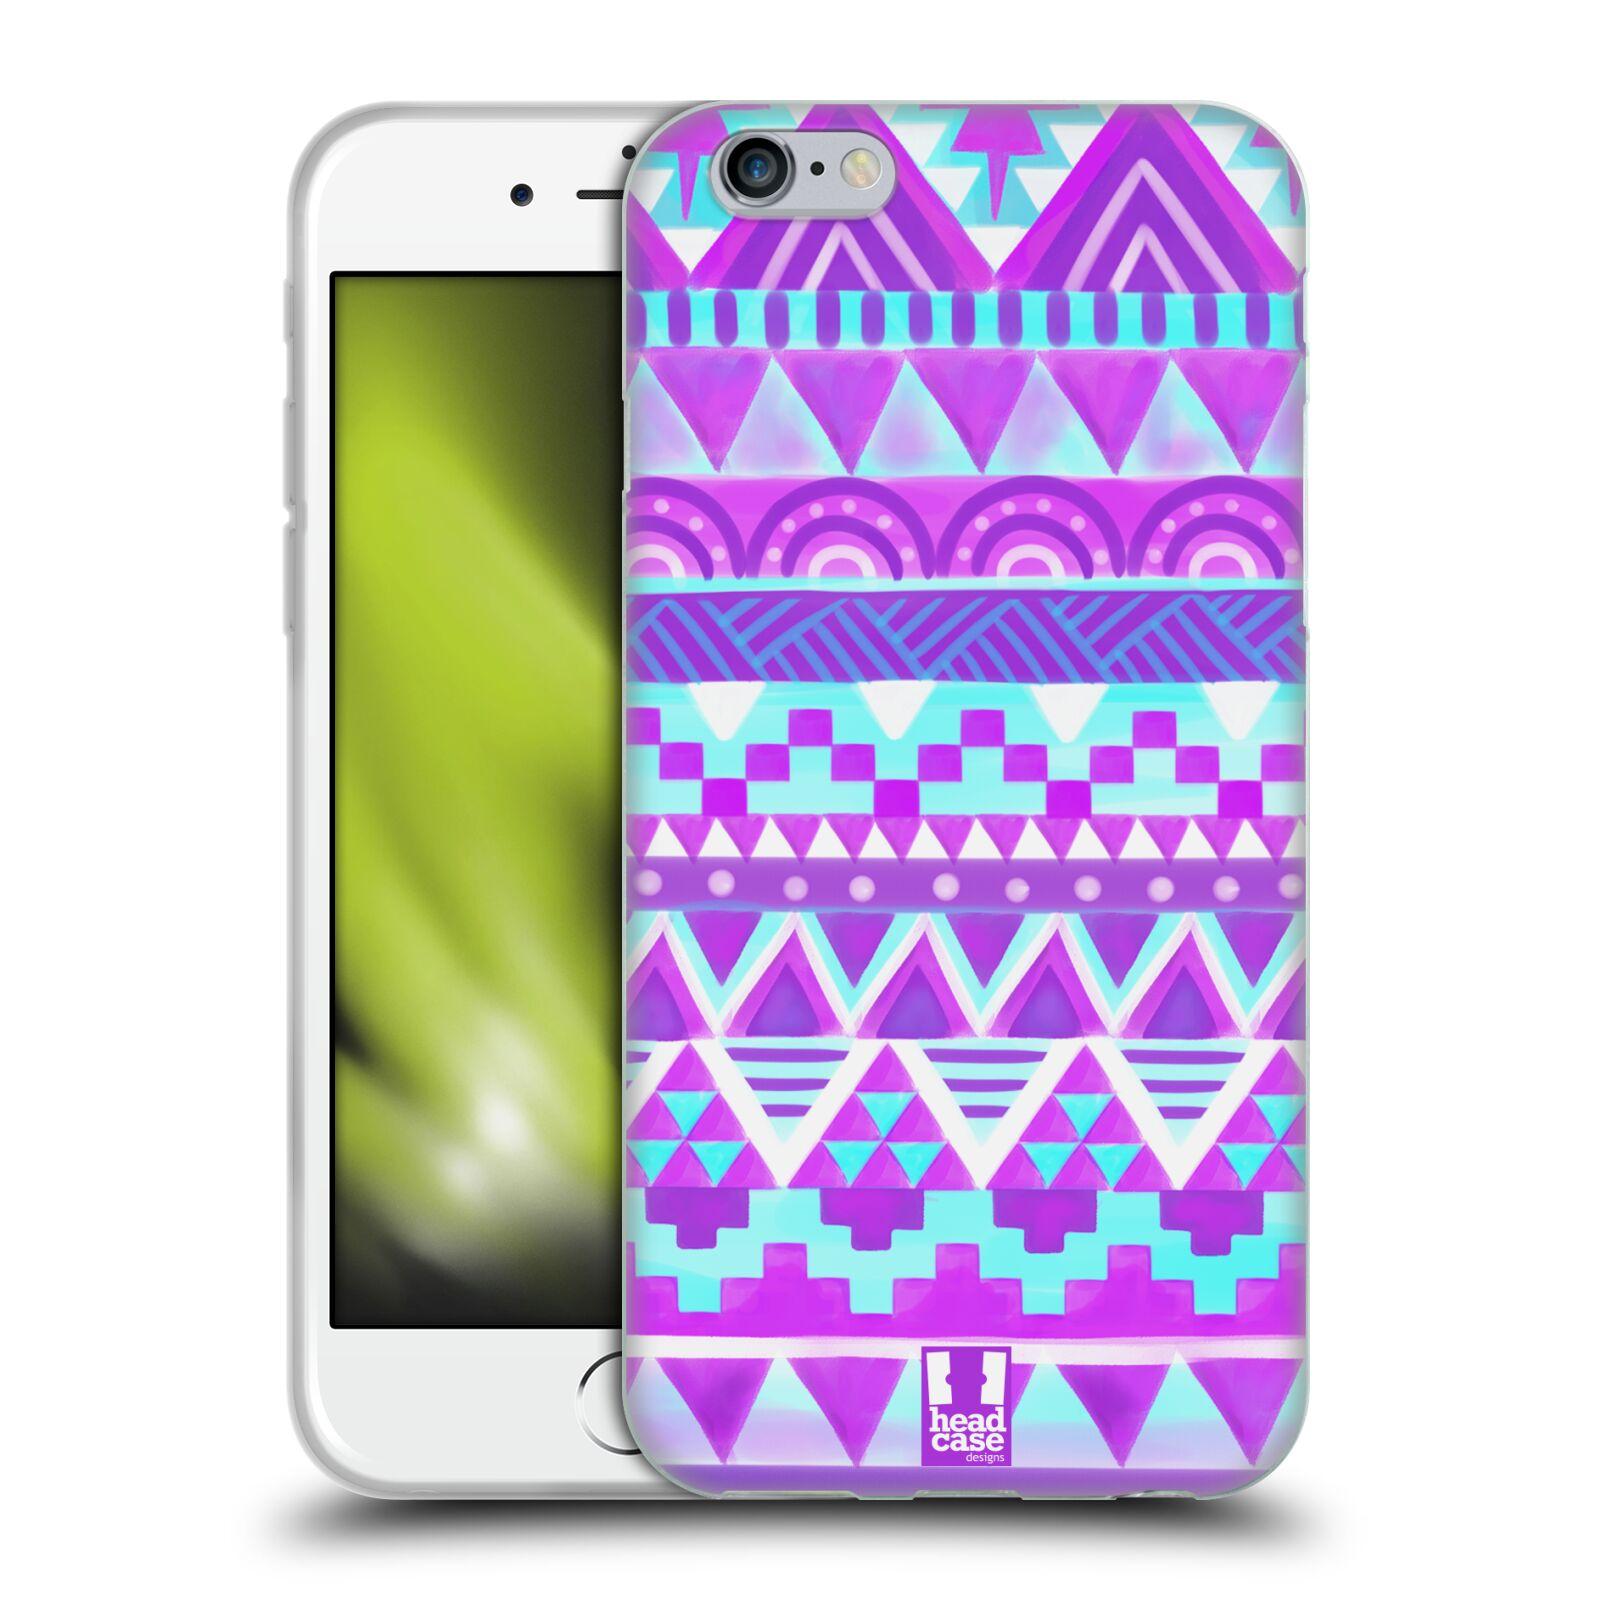 bfb6b3a53 HEAD CASE silikonový obal na mobil Apple Iphone 6/6S vzor CIK CAK barevné  znaky